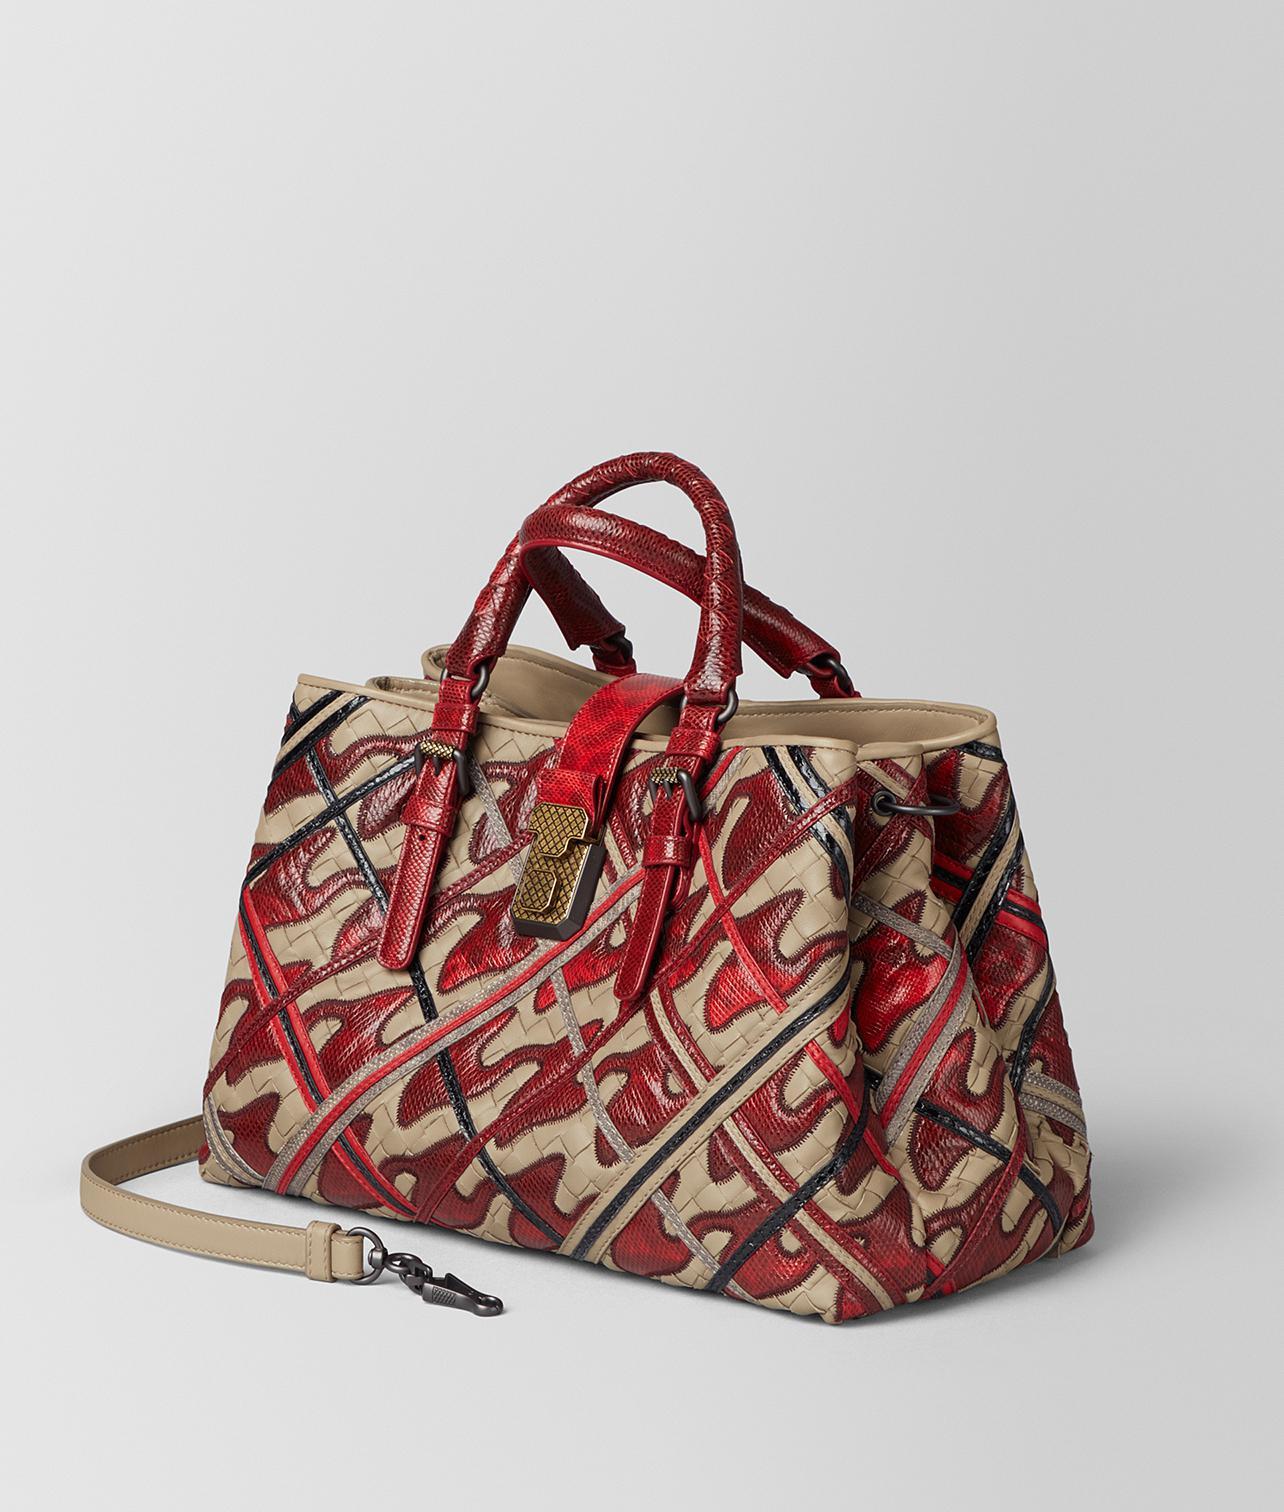 2671336c59d5 Lyst - Bottega Veneta China Red Intrecciato Pied De Poule Roma Bag ...